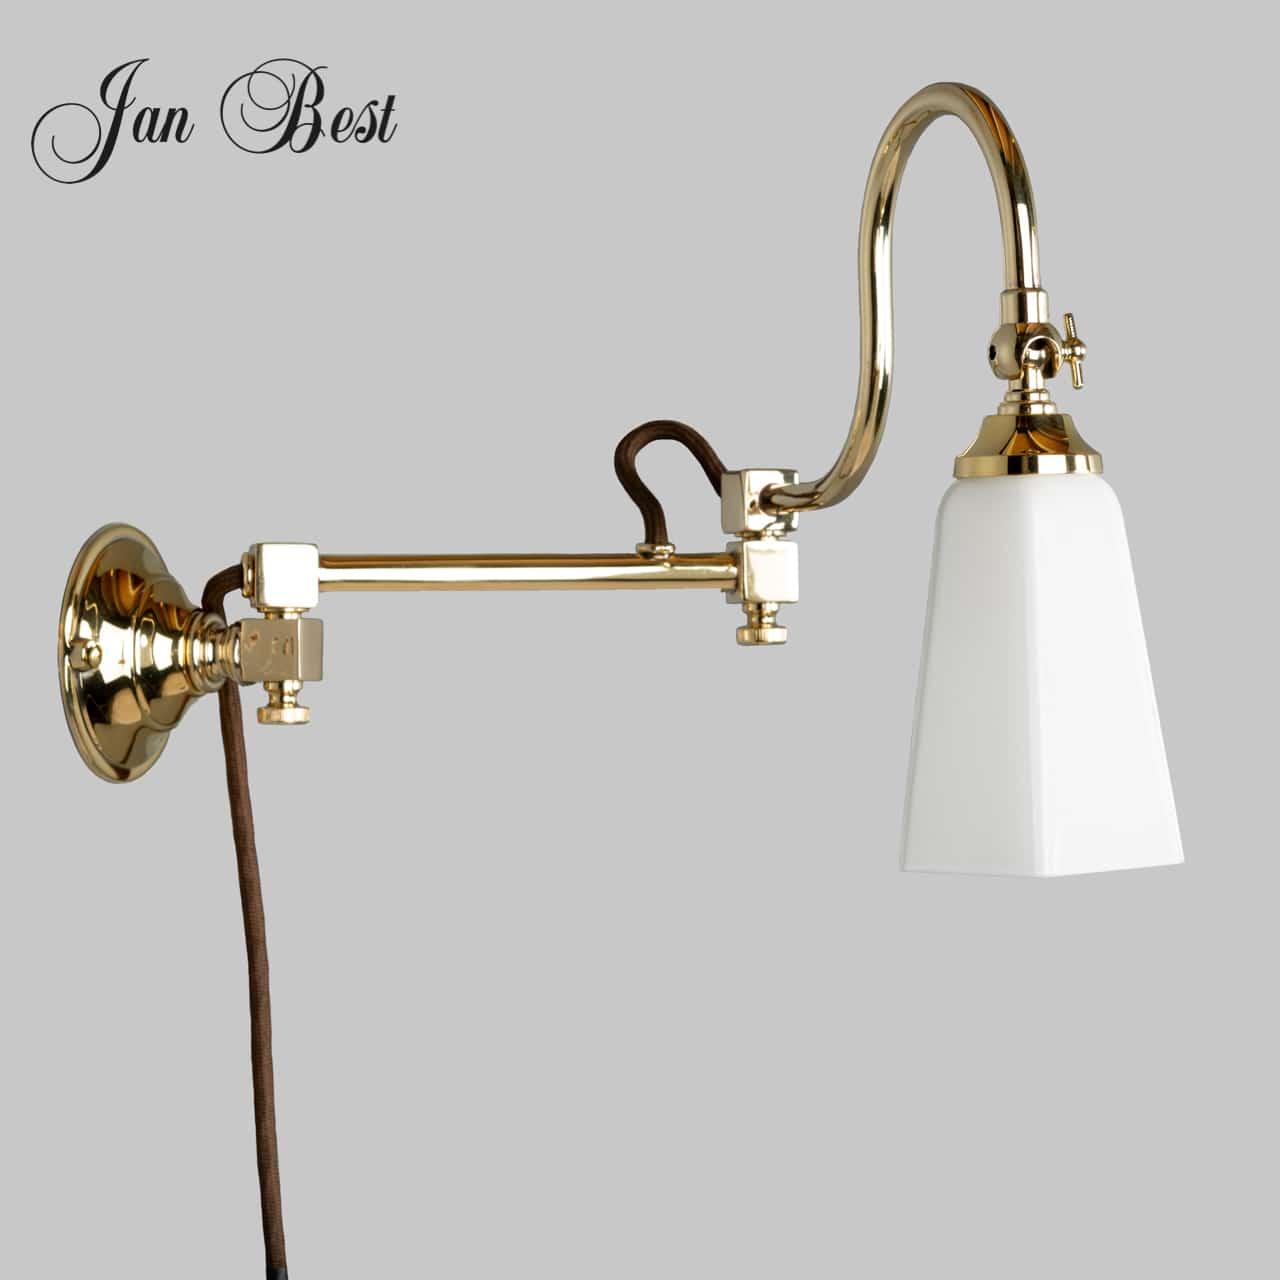 Jan-best-wandlamp-messing-klassieke-nostalgische-horeca-verlichting-bedlamp-slaapkamer-verlichting-aalsmeer